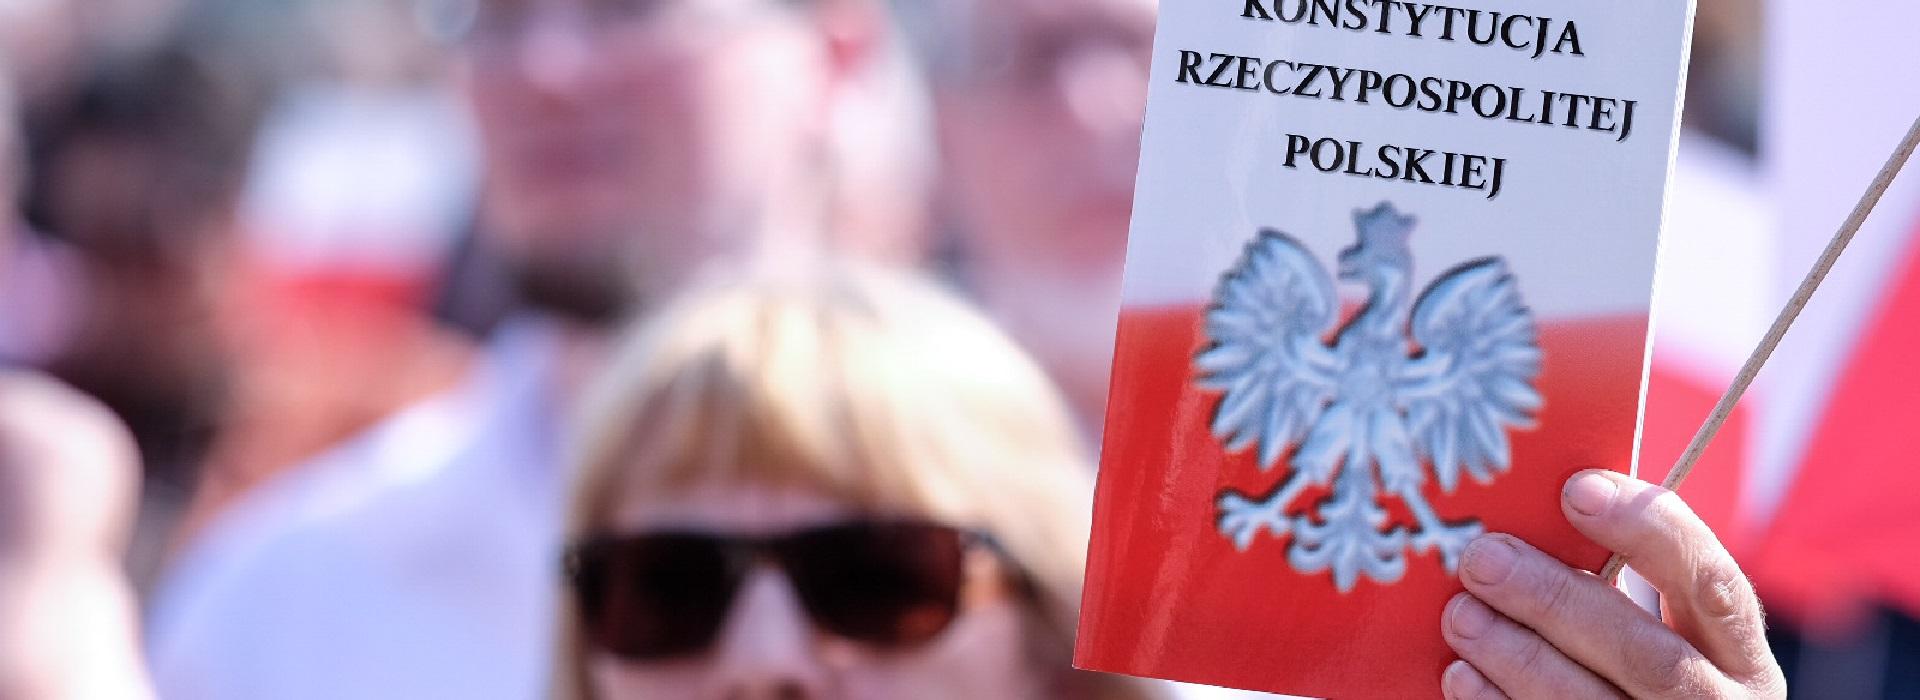 W Gdańsku początek przedreferendalnych dyskusji nad zmianami w konstytucji